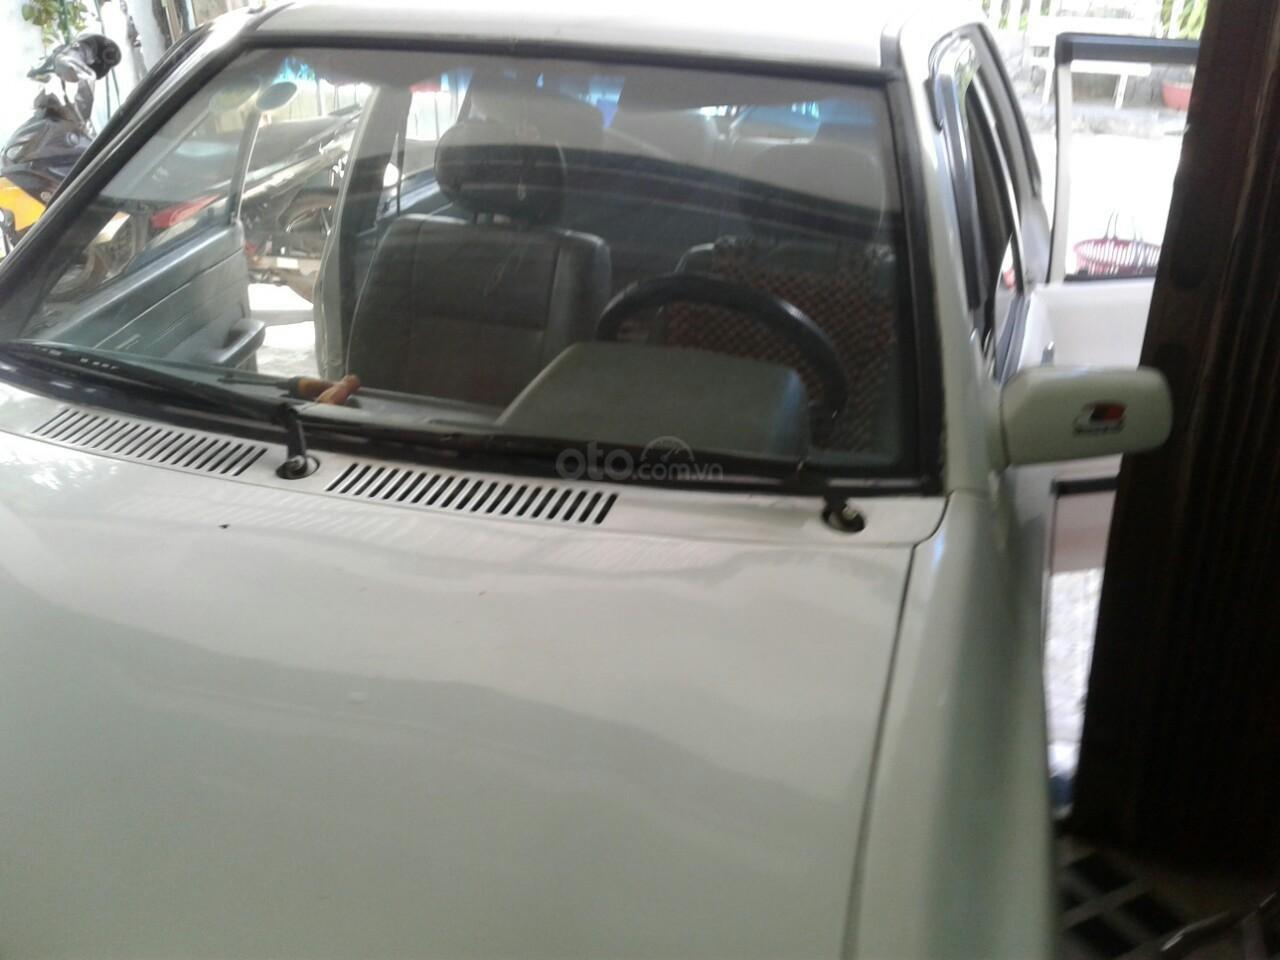 Bán xe Kia Pride B đời 2001, màu trắng, nhập khẩu nguyên chiếc giá cạnh tranh (8)